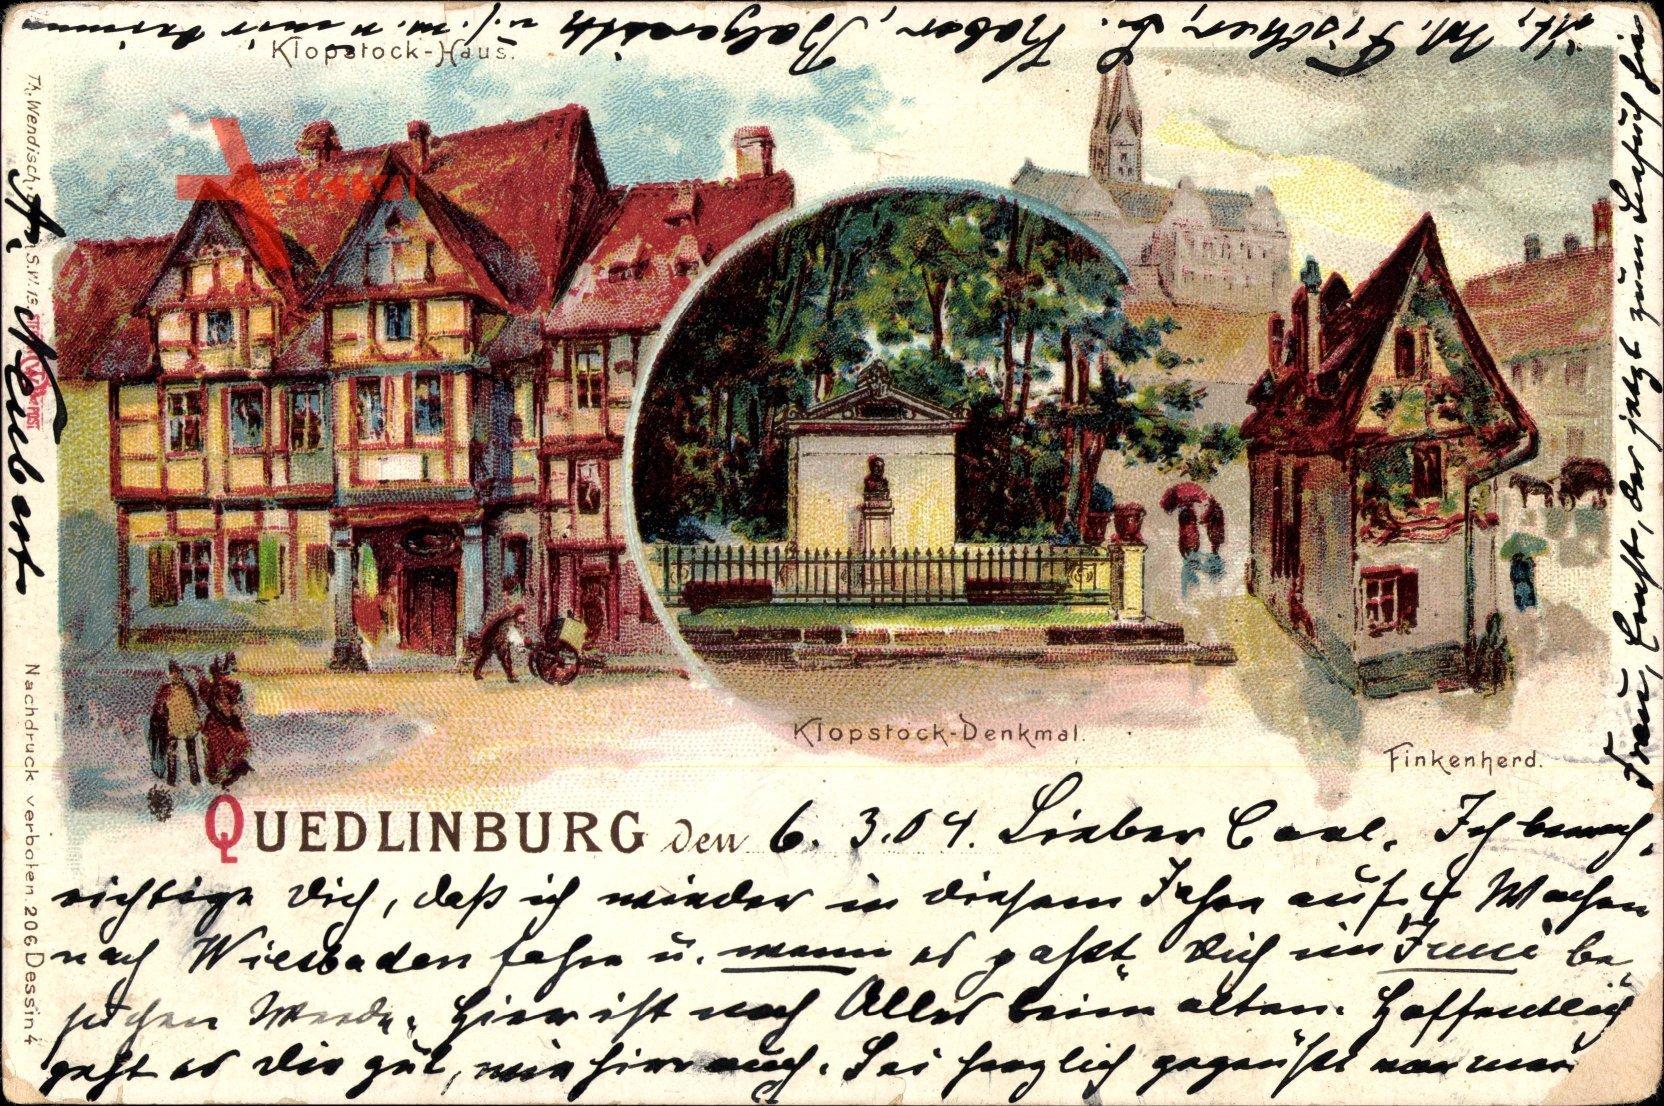 Quedlinburg im Harz, Klopstock Denkmal, Finkenherd, Klopstock Haus